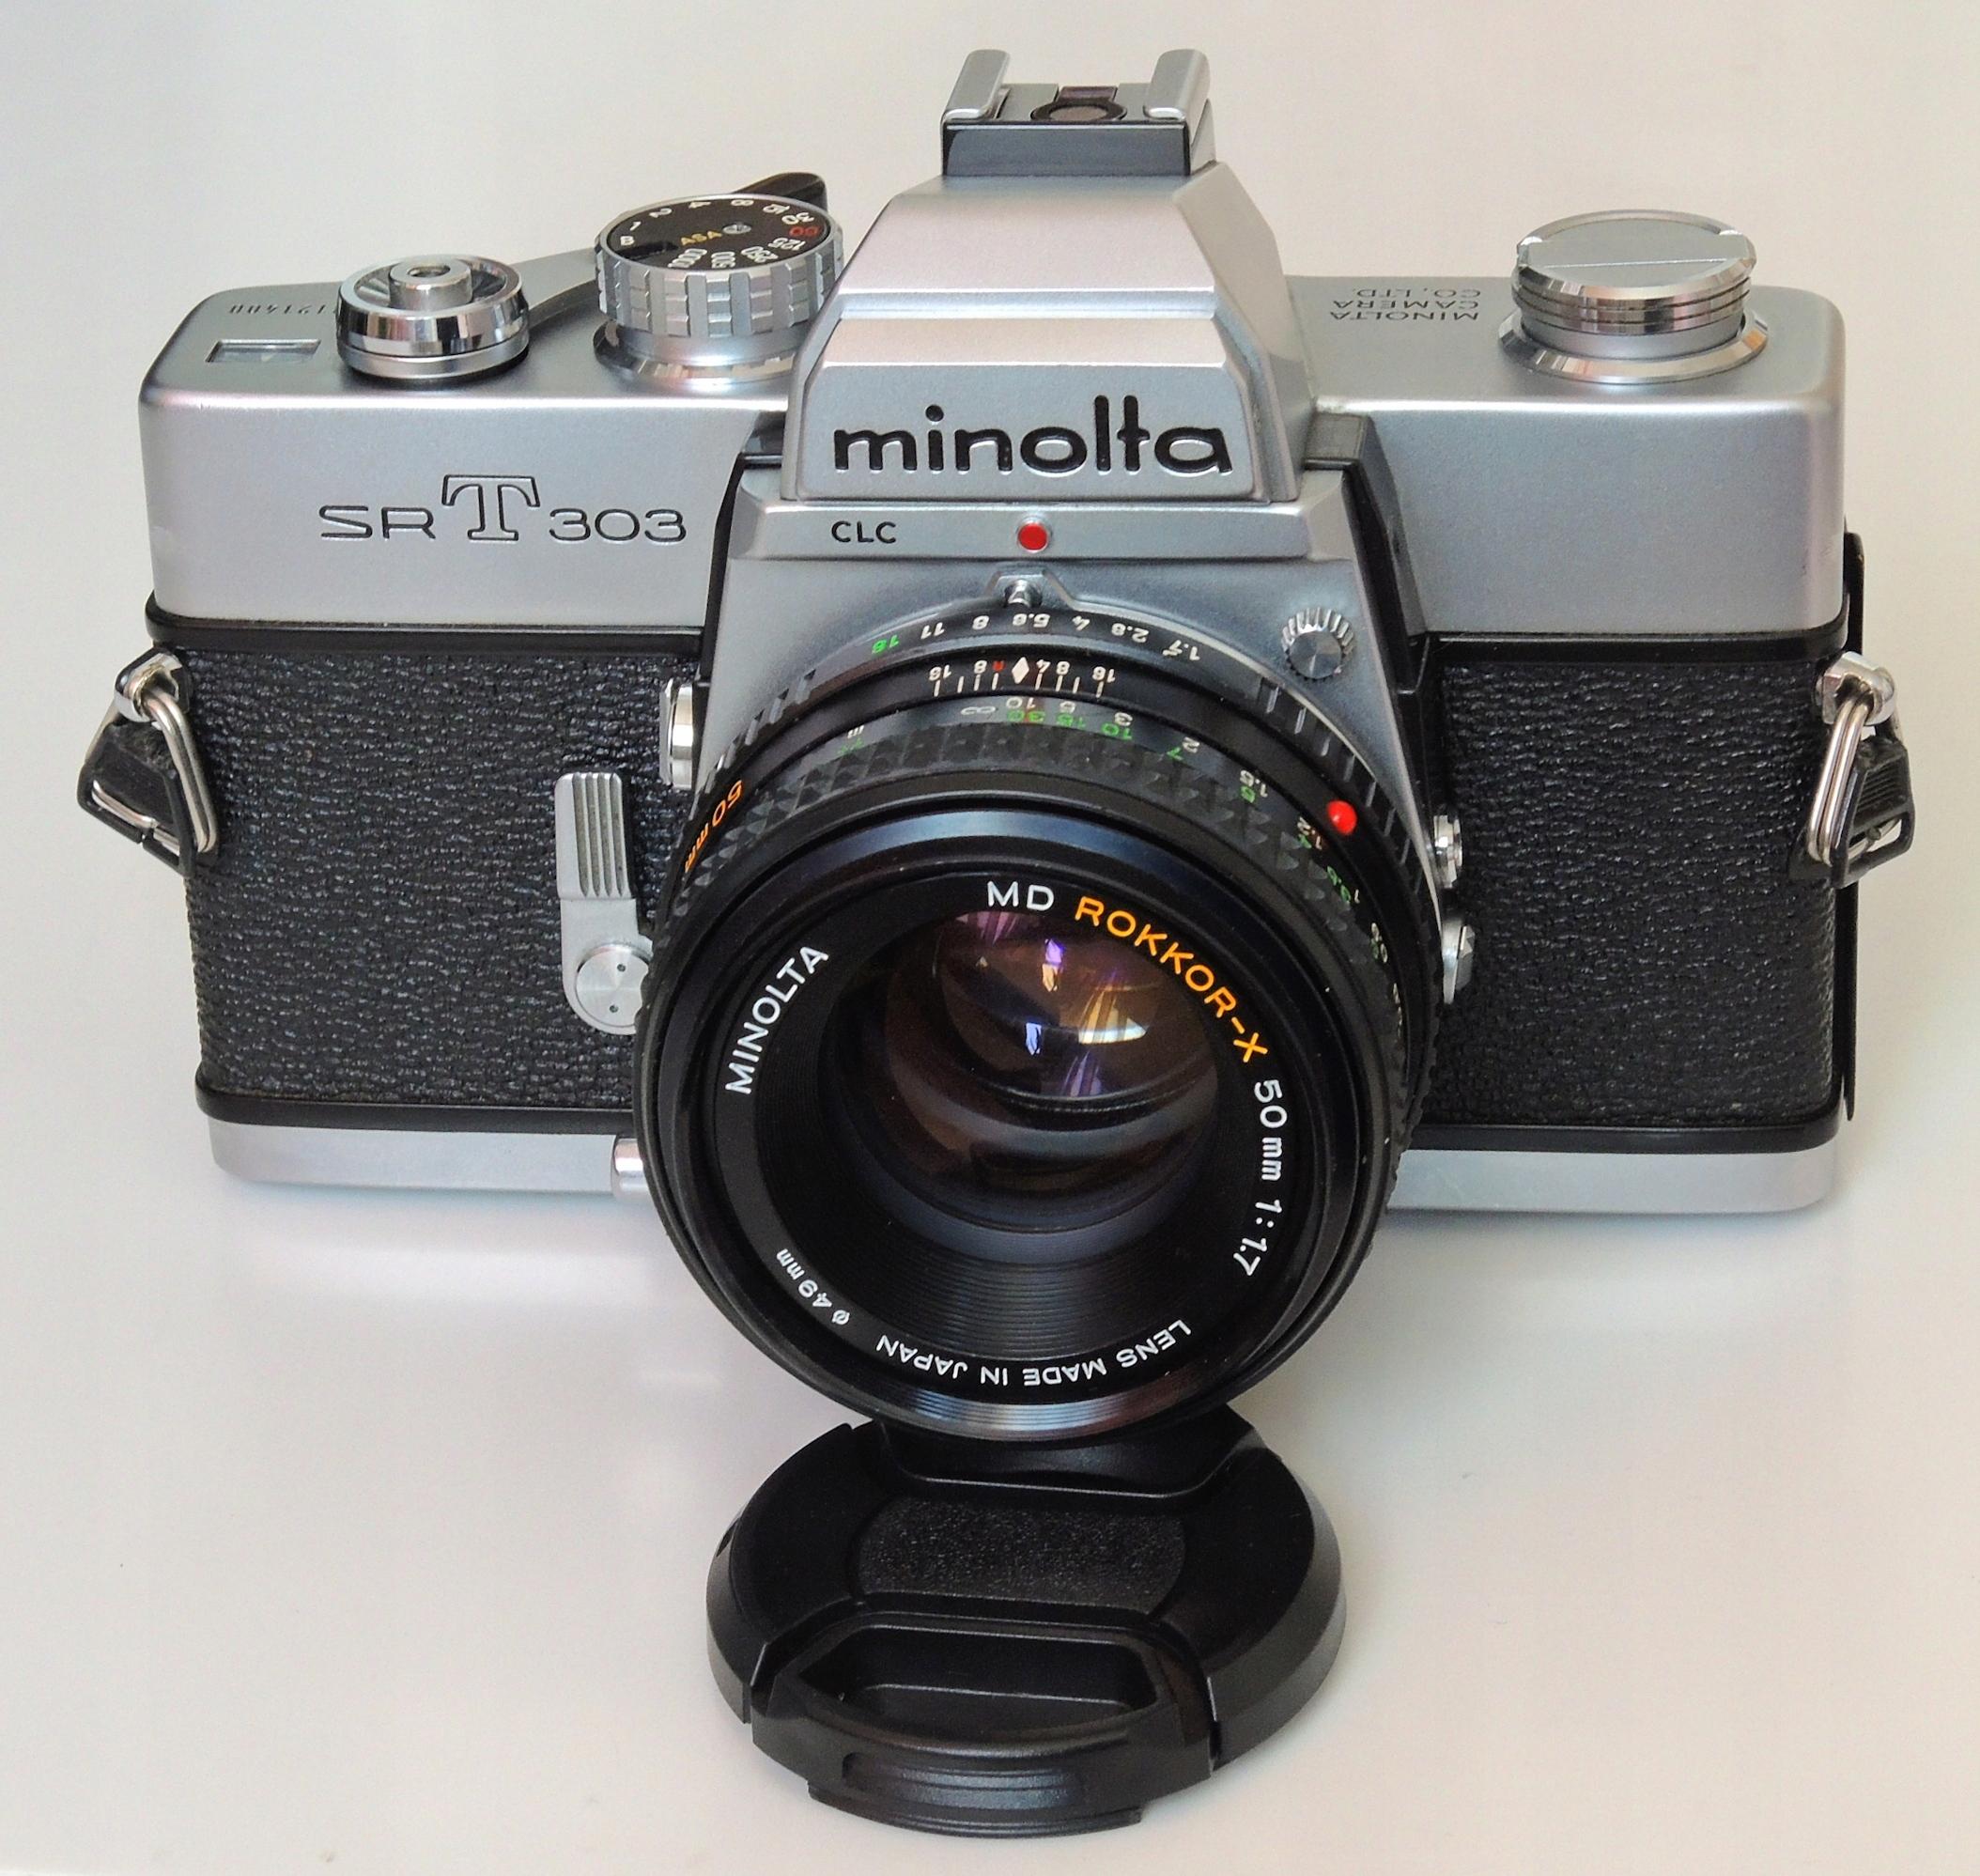 Minolta SRT303 SR-T 303 + MD Rokkor-X 50mm 1:1.7